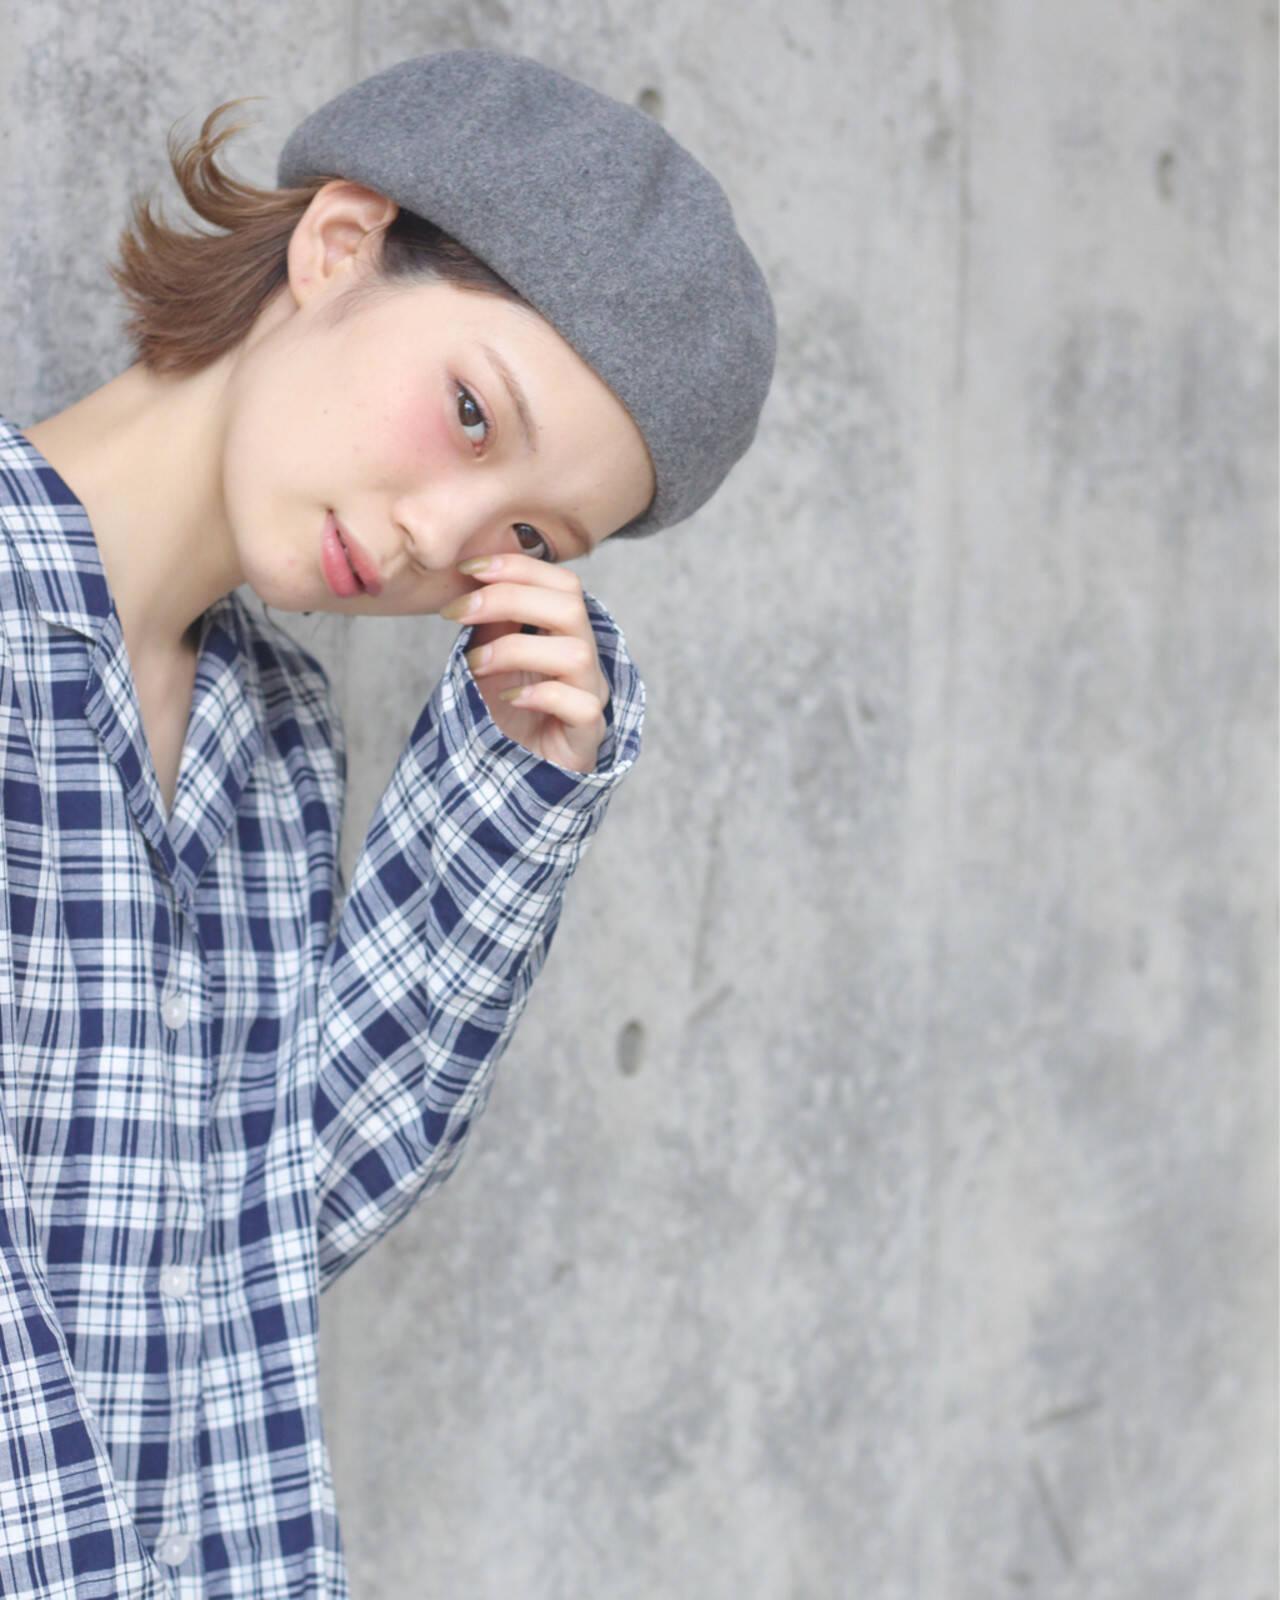 ベレー帽 外ハネ 秋 簡単ヘアアレンジヘアスタイルや髪型の写真・画像